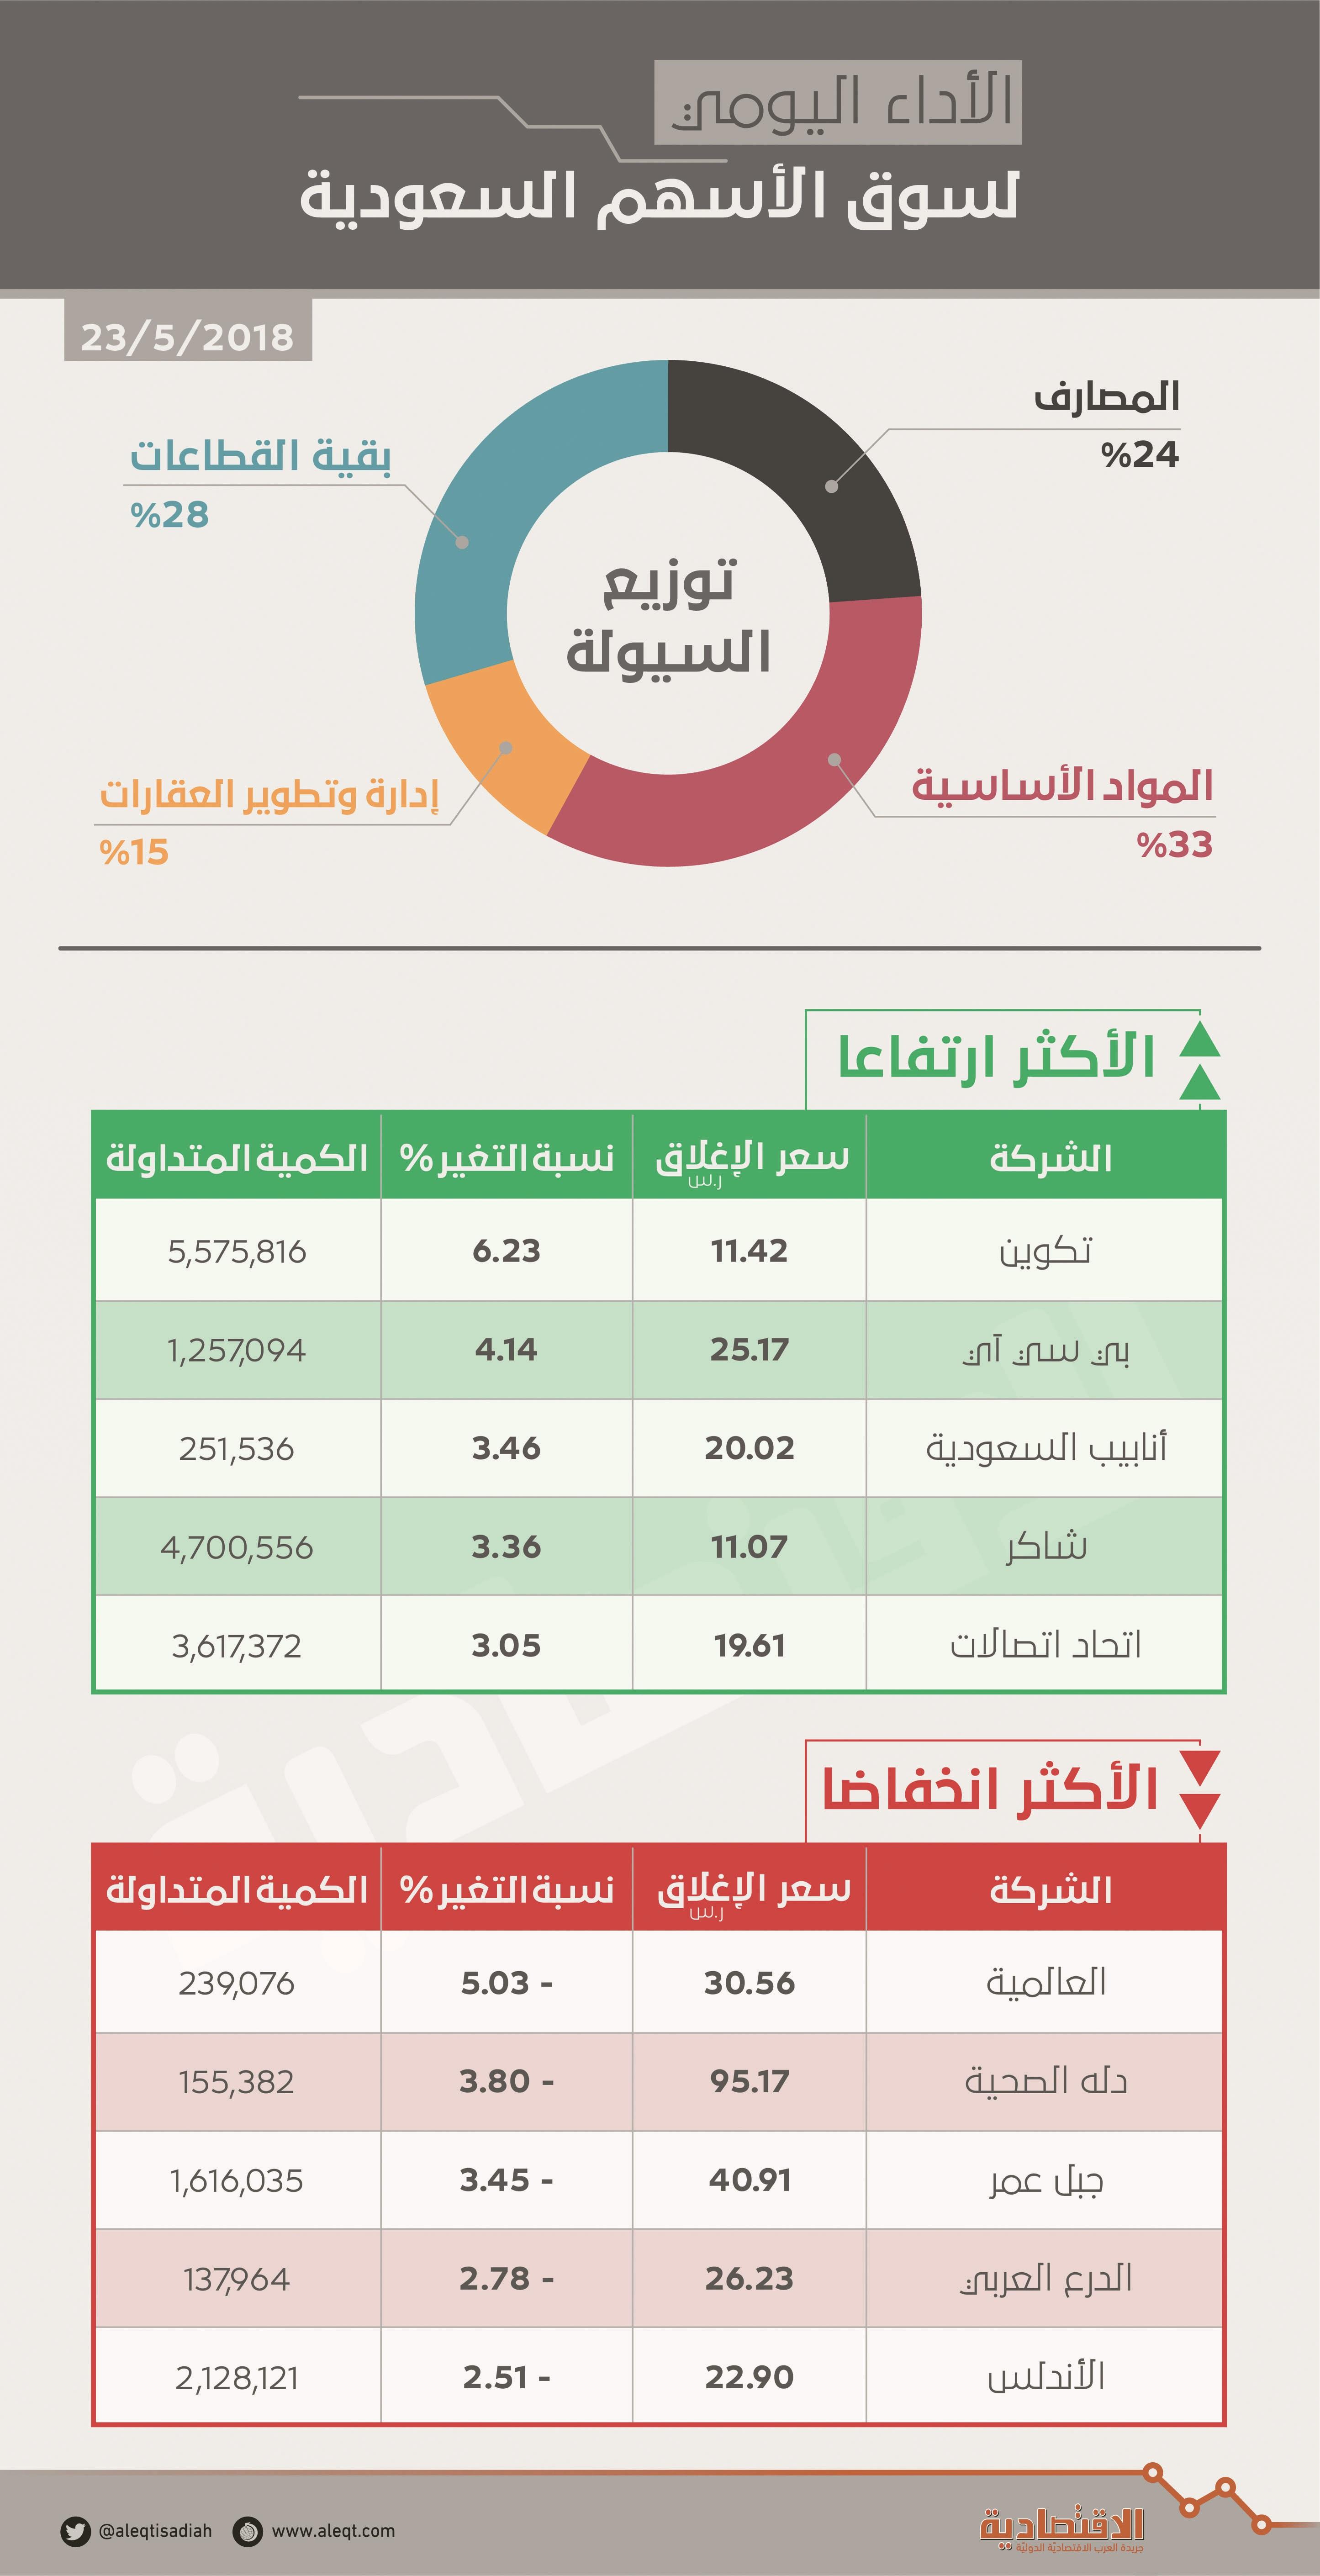 الأسهم السعودية تعود إلى اللون الأحمر وسط تراجع العقارات والقطاعات القيادية   صحيفة الاقتصادية